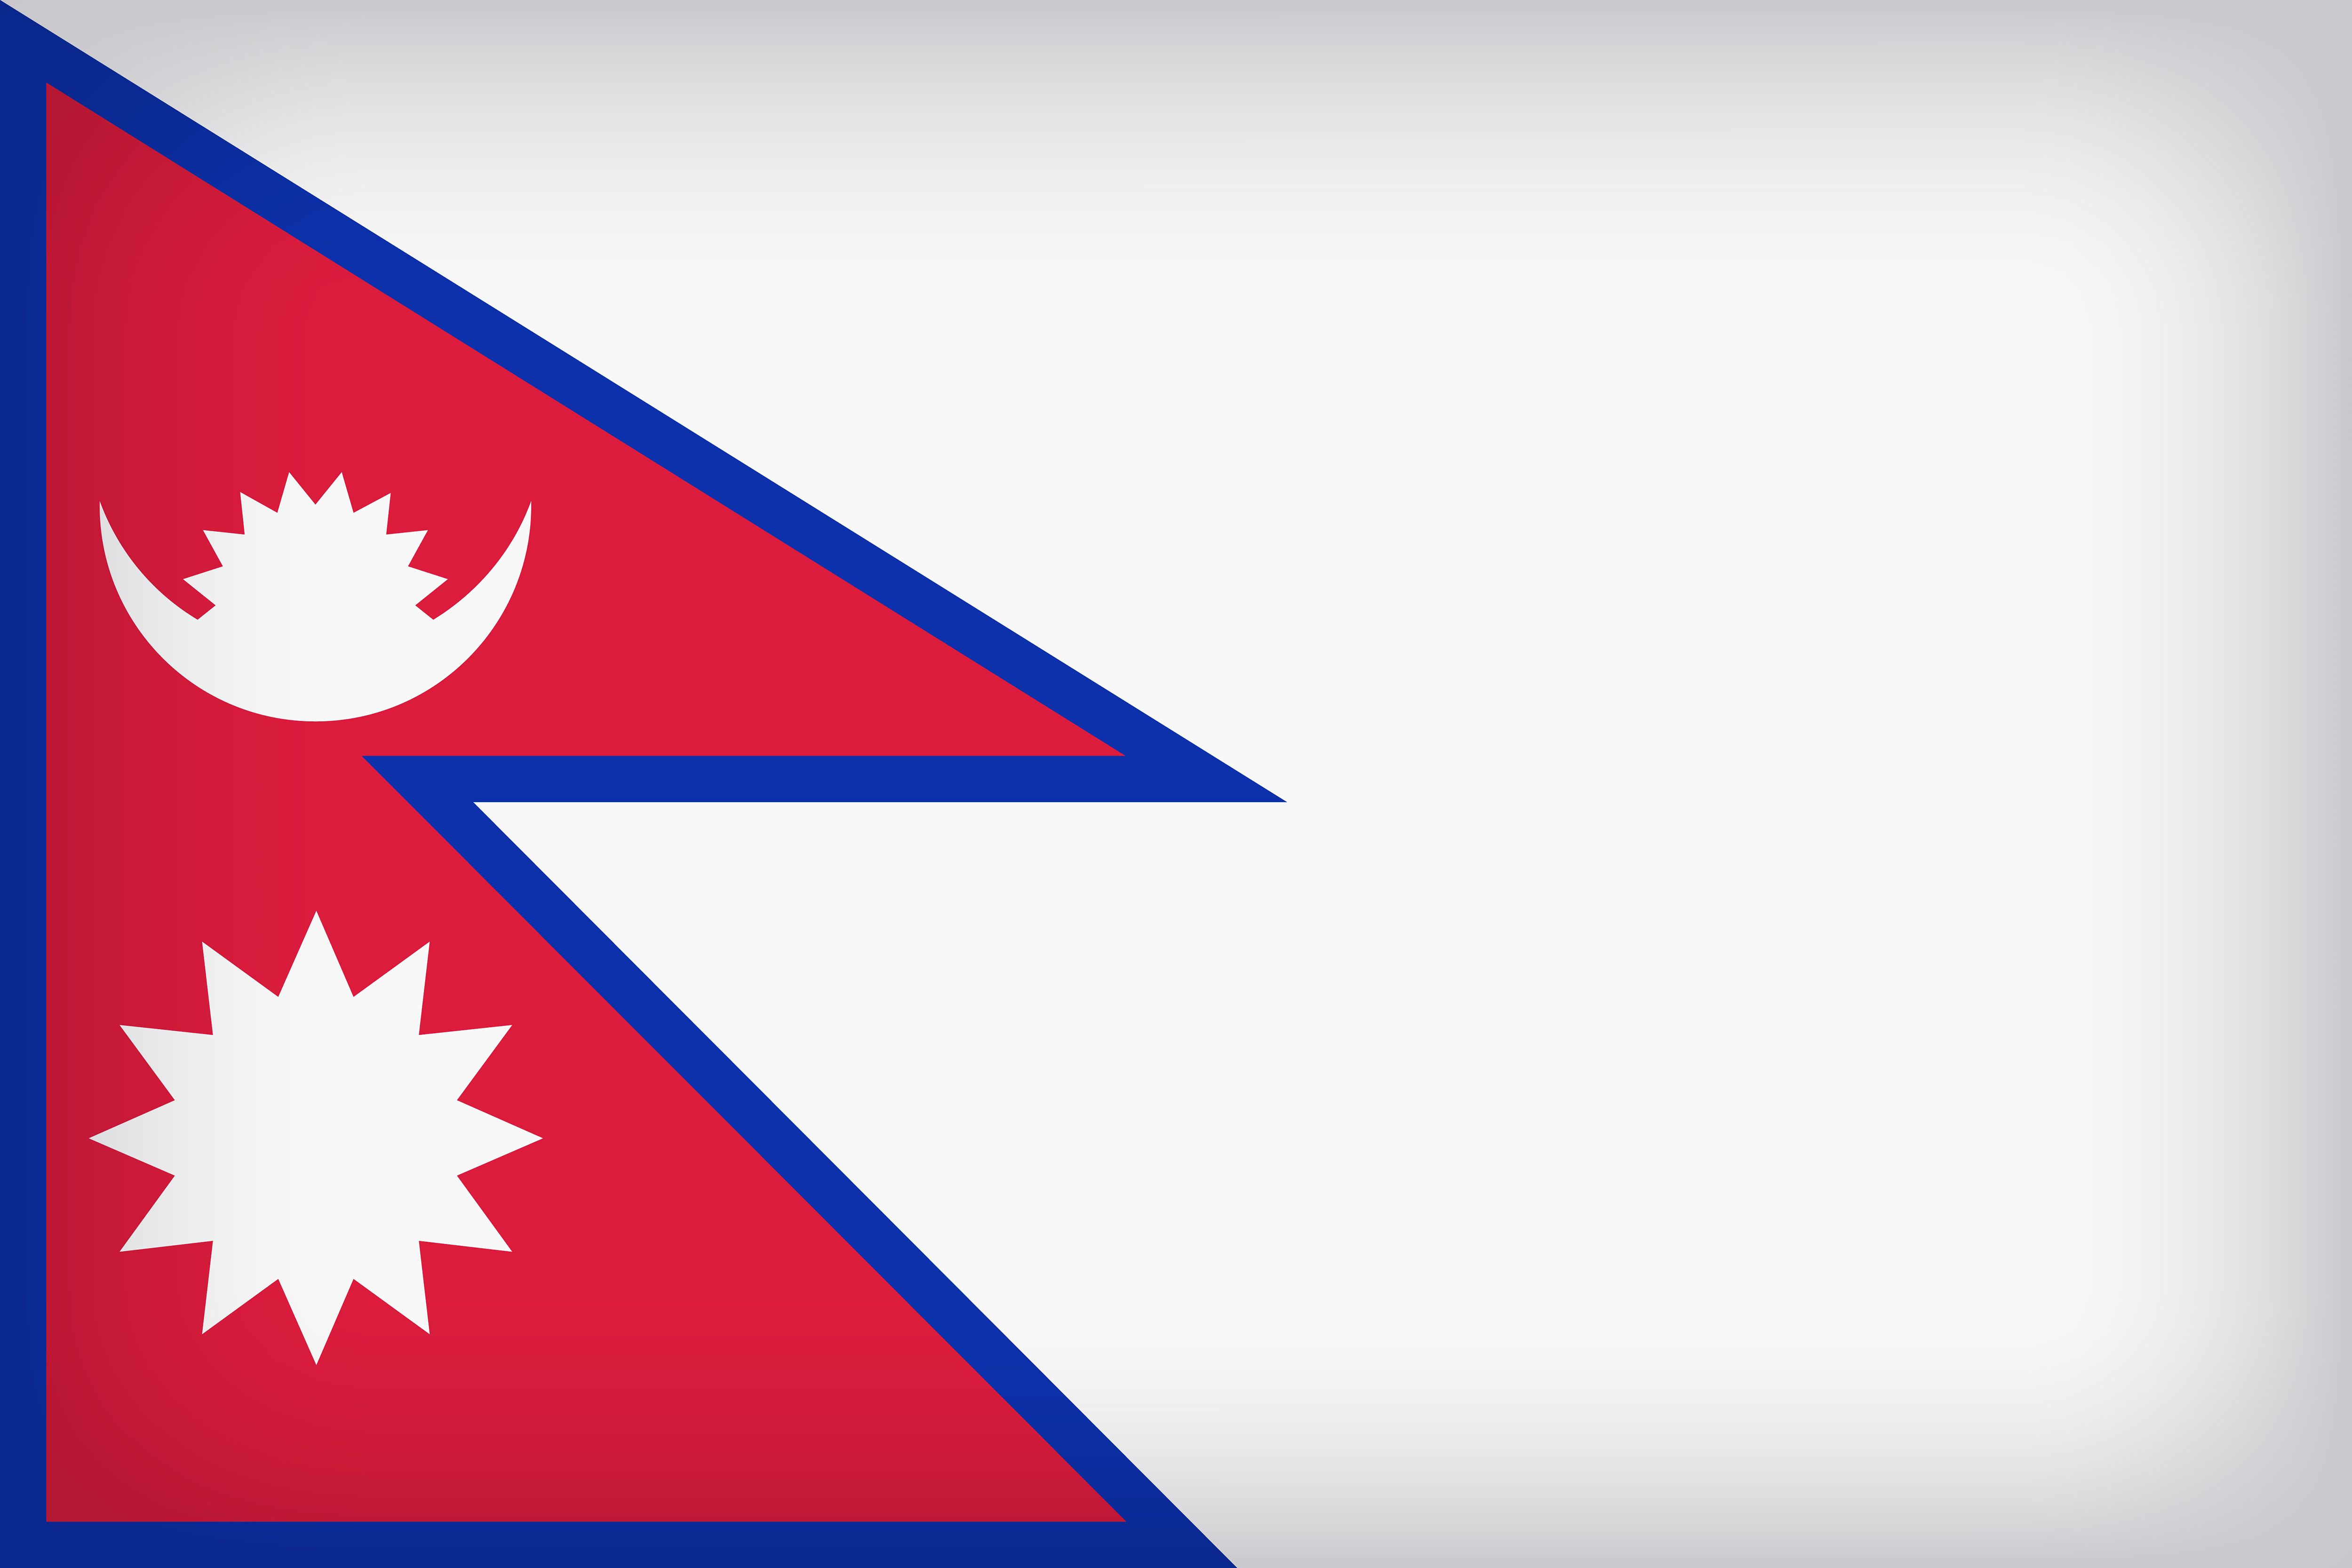 Nepal Large Flag.